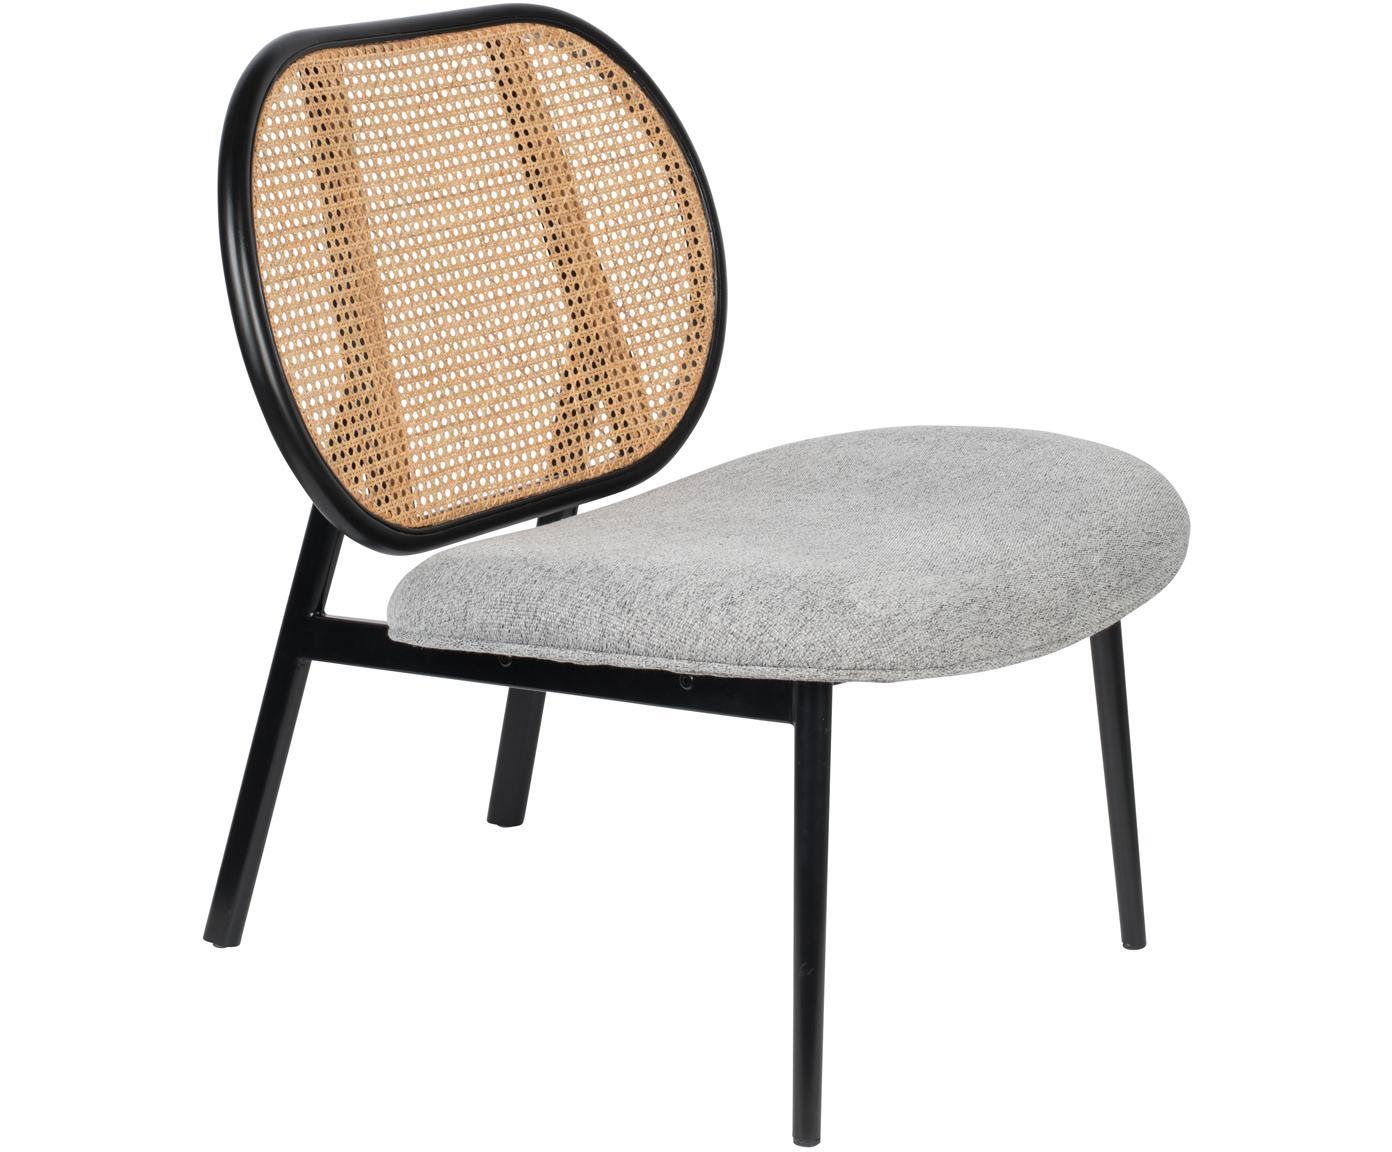 Fotel wypoczynkowy Spike, Tapicerka: poliester 100 000 cykli w, Stelaż: rattan, drewno bukowe, Nogi: metal malowany proszkowo, Beżowy, szary, S 79 x G 70 cm